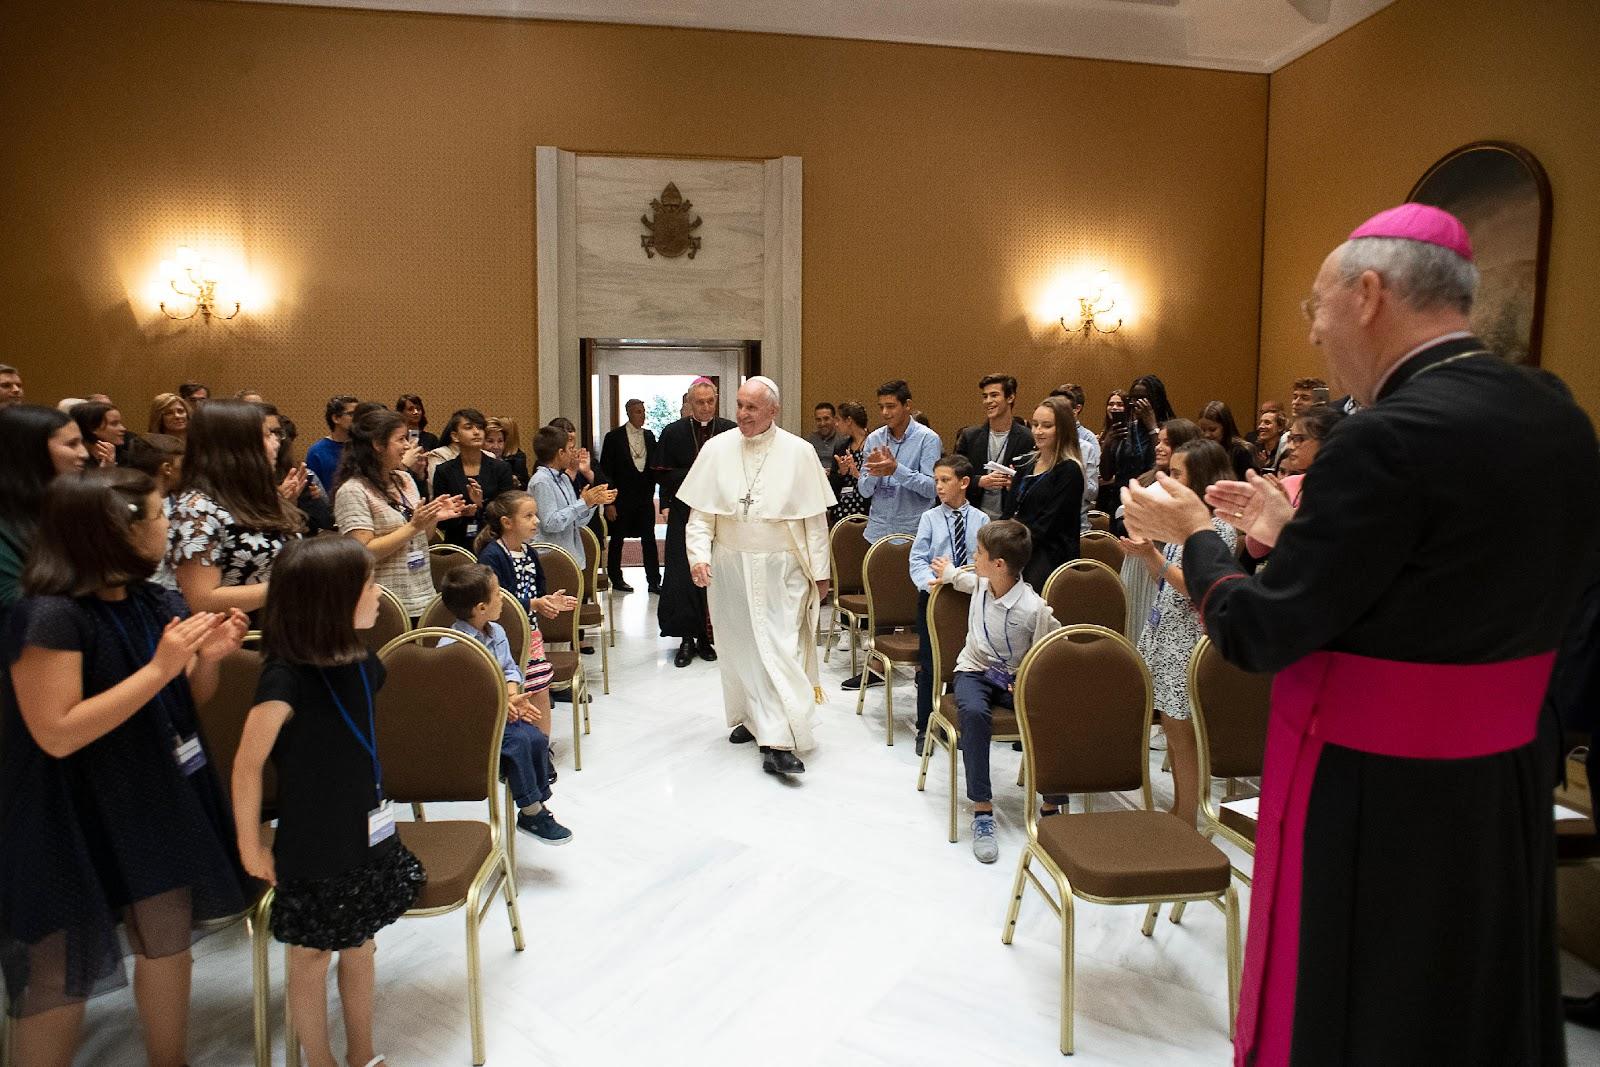 Đức Thánh Cha thúc giục các bạn trẻ tham gia 'cuộc cách mạng lòng nhân hậu'